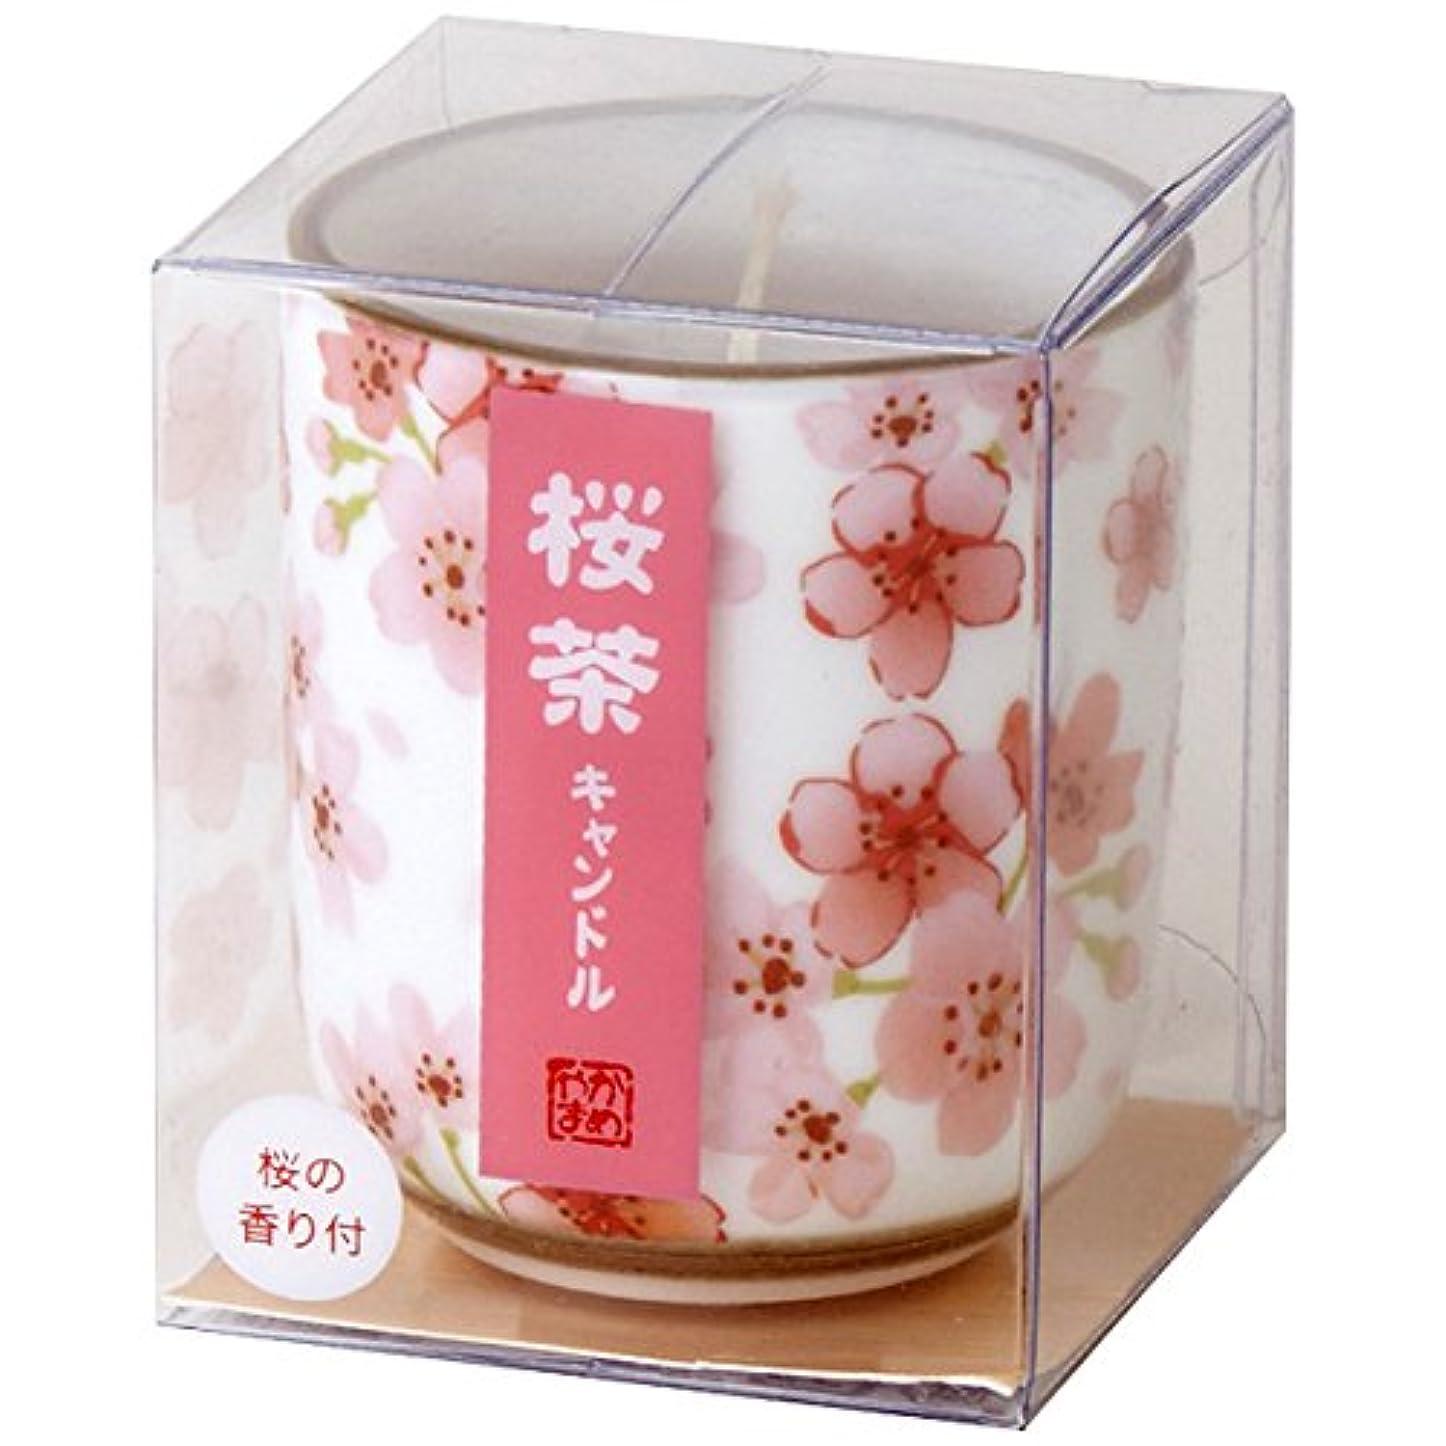 ほのか友だち未来桜茶キャンドル(小) 86580010